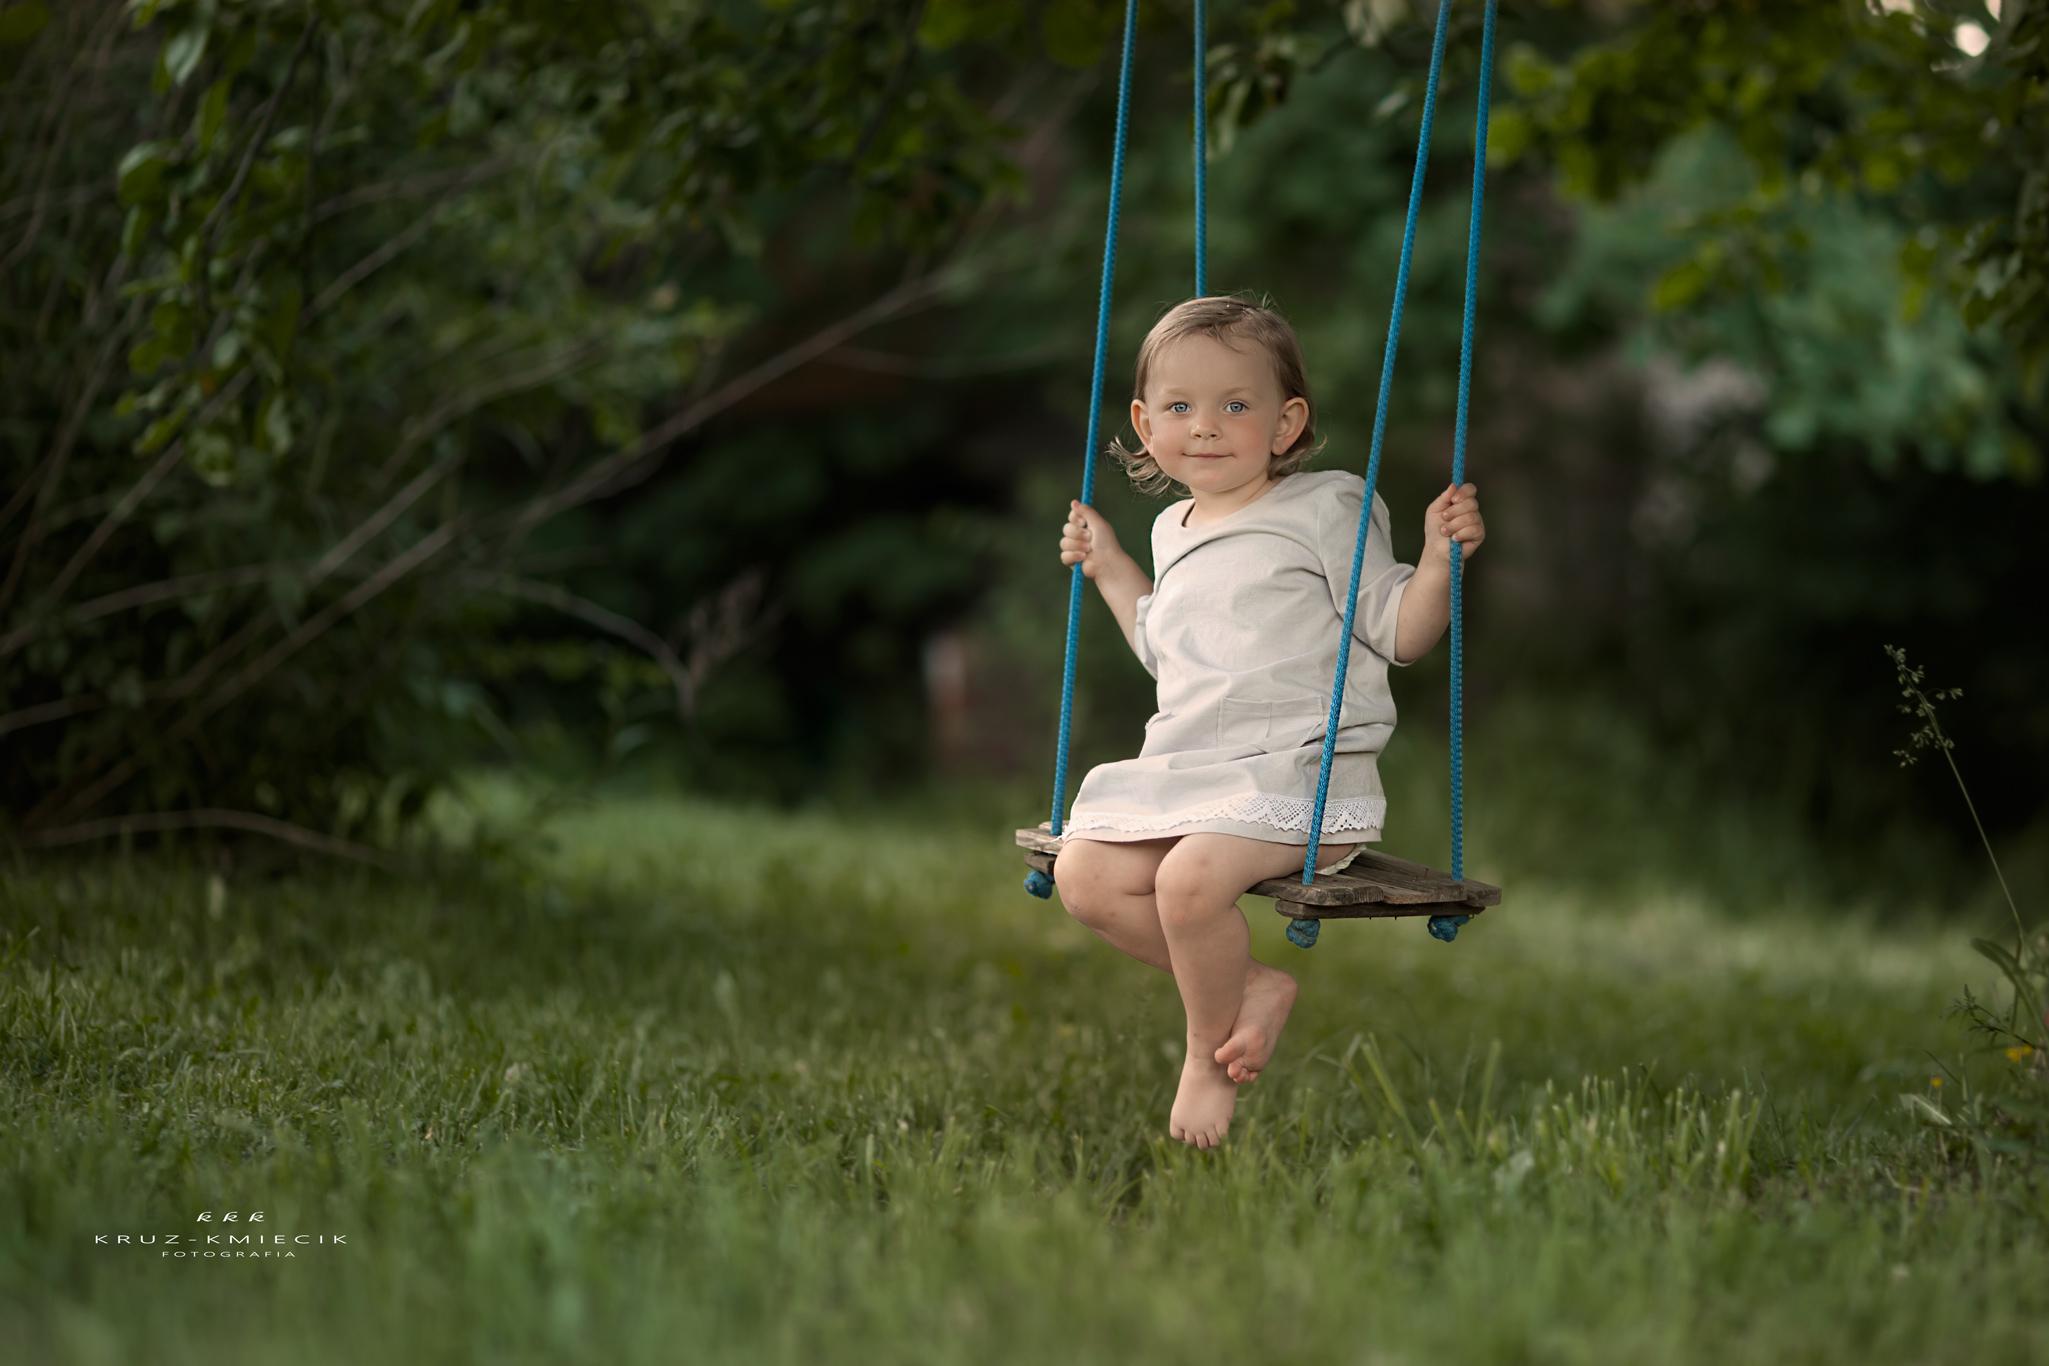 lato Katarzyna Kruz-Kmiecik Fotograf Nowy Sącz